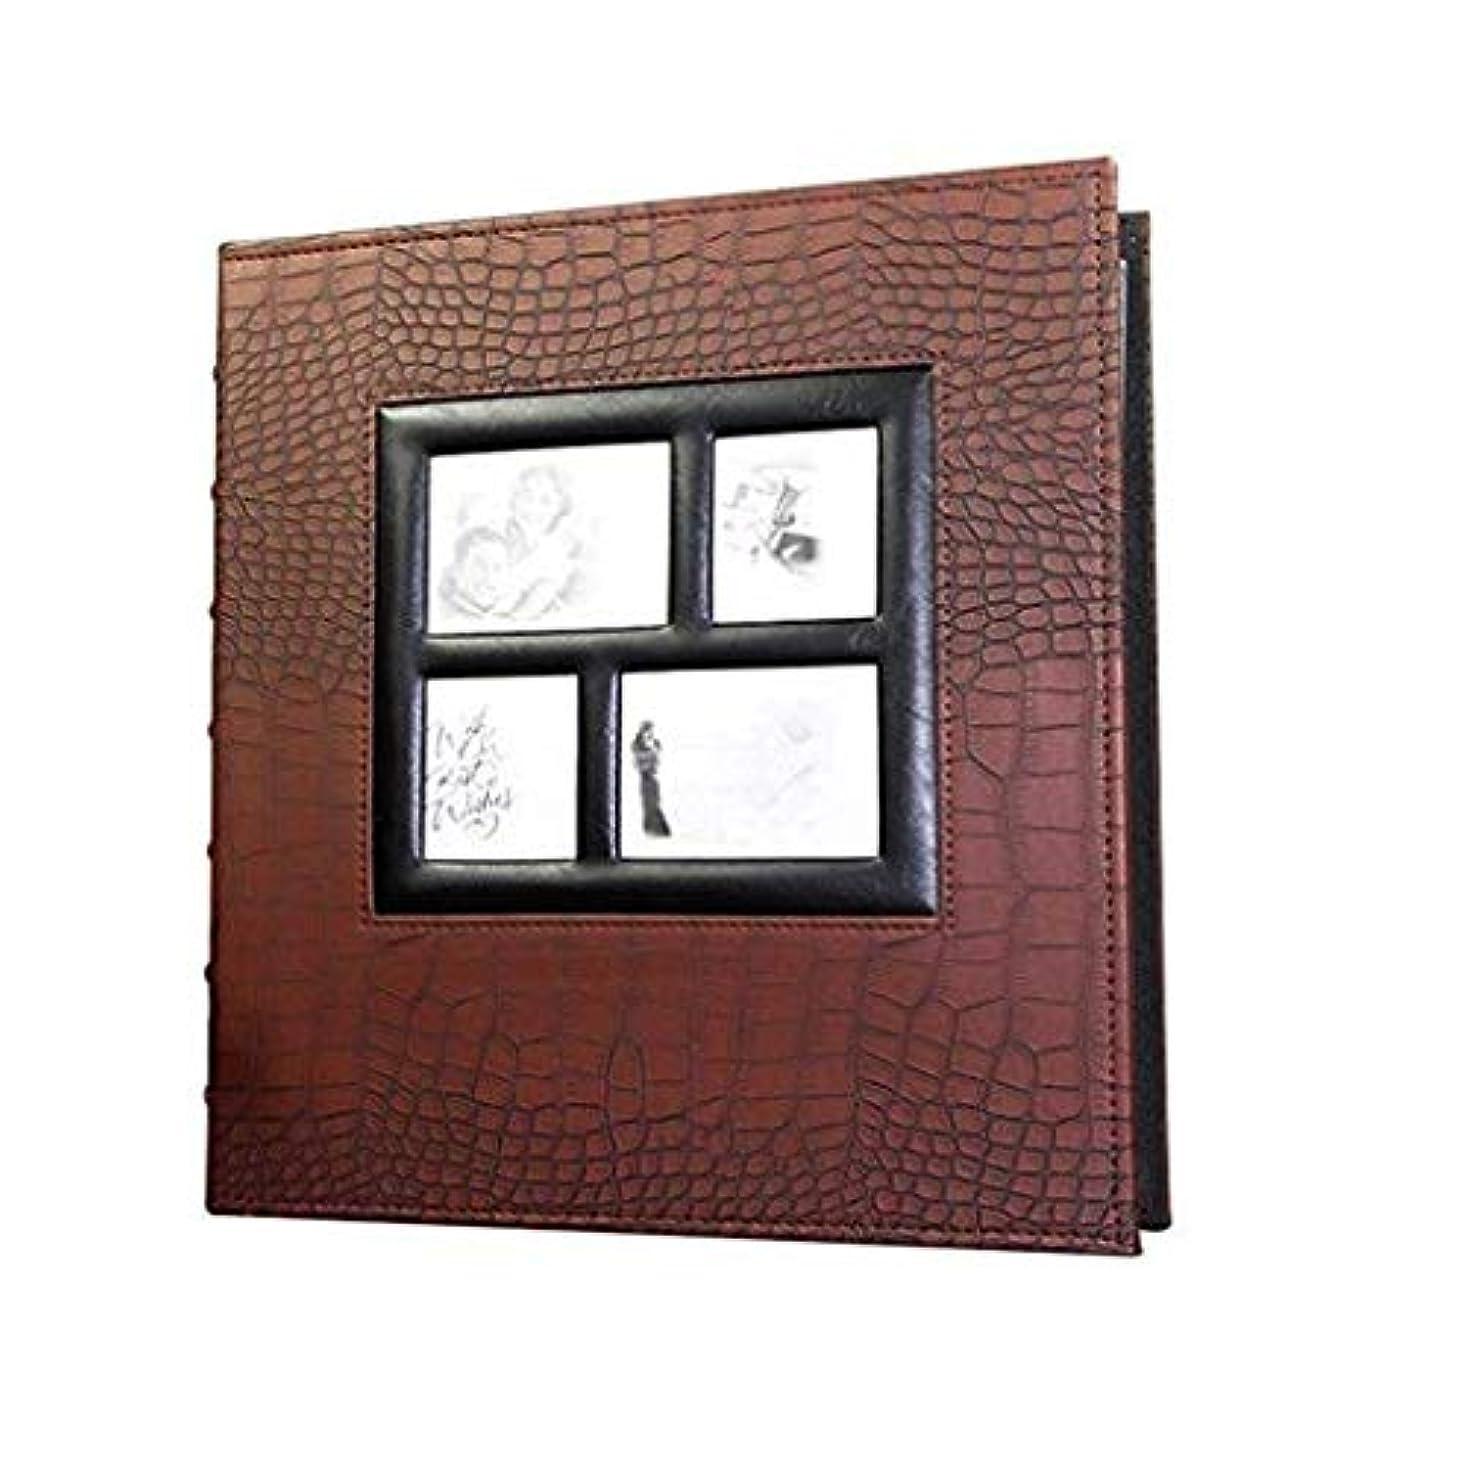 アーティファクトピグマリオンジャムJJSPP インタースティシャルアルバムレザールック独自の写真を挿入フォトアルバムは写真を保持します (Color : Brown)